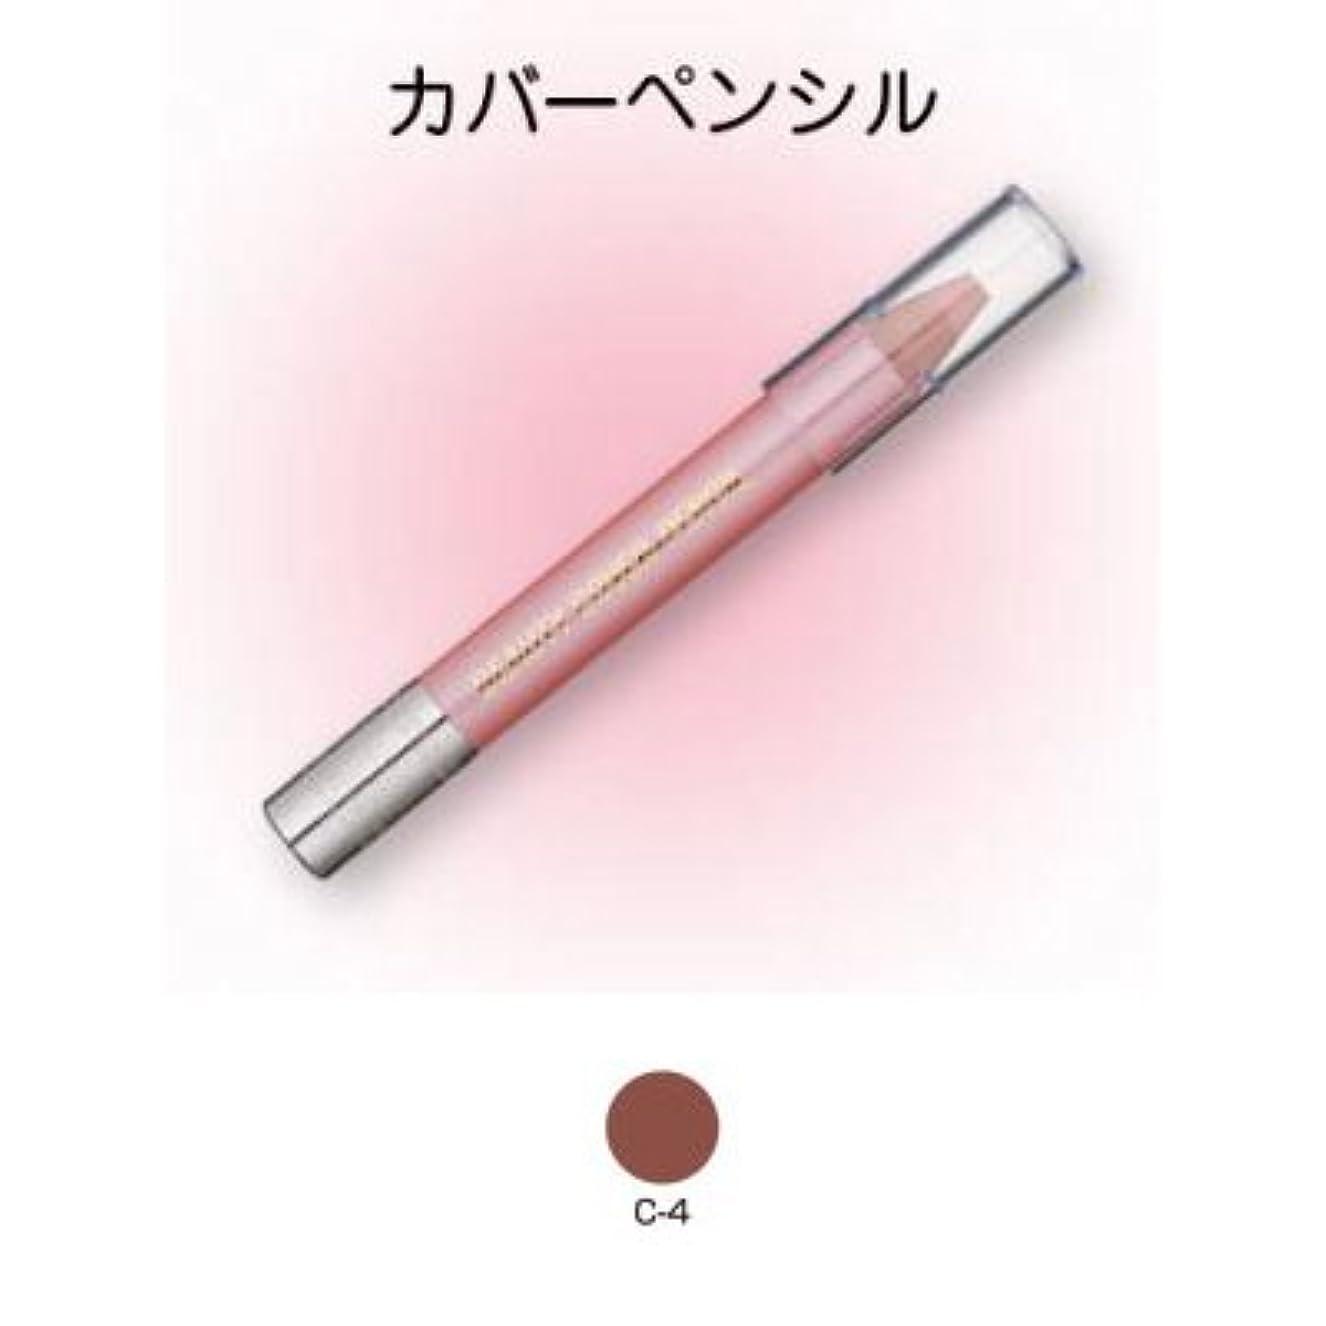 姓クリーム四ビューティーカバーペンシル C-4【三善】